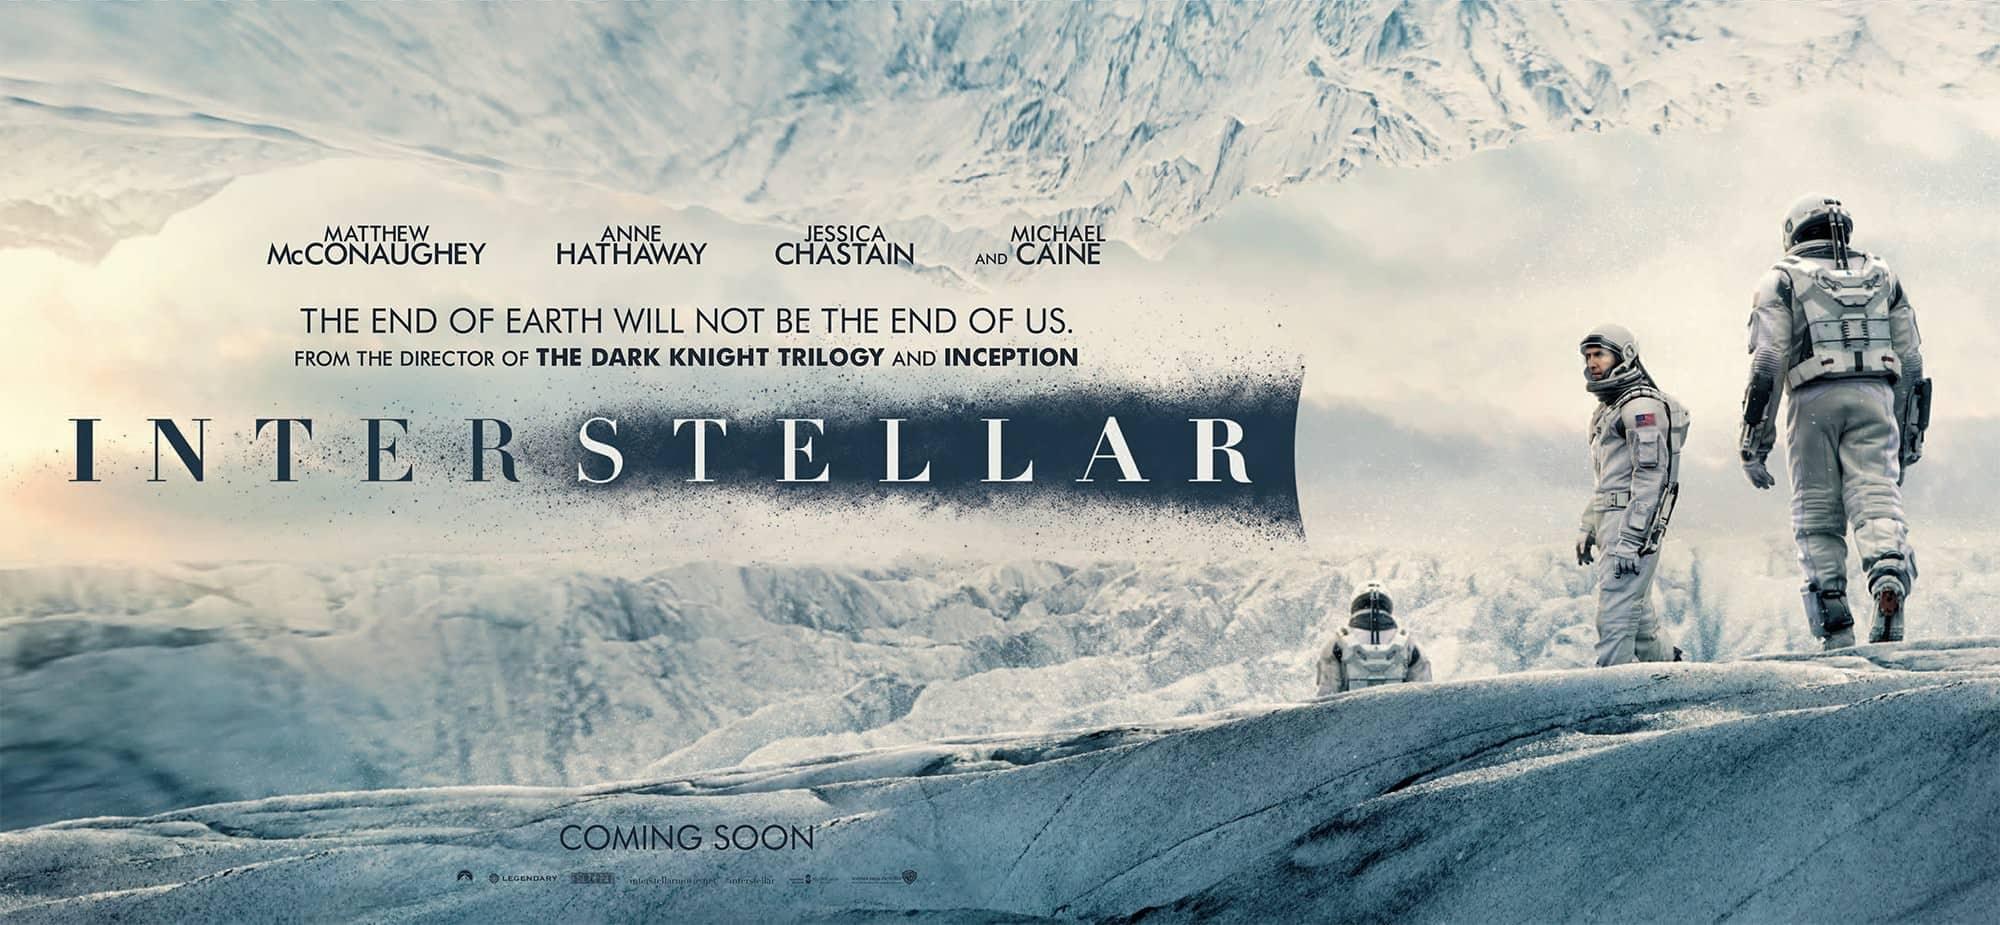 Posters de Interstellar interestelar (1)